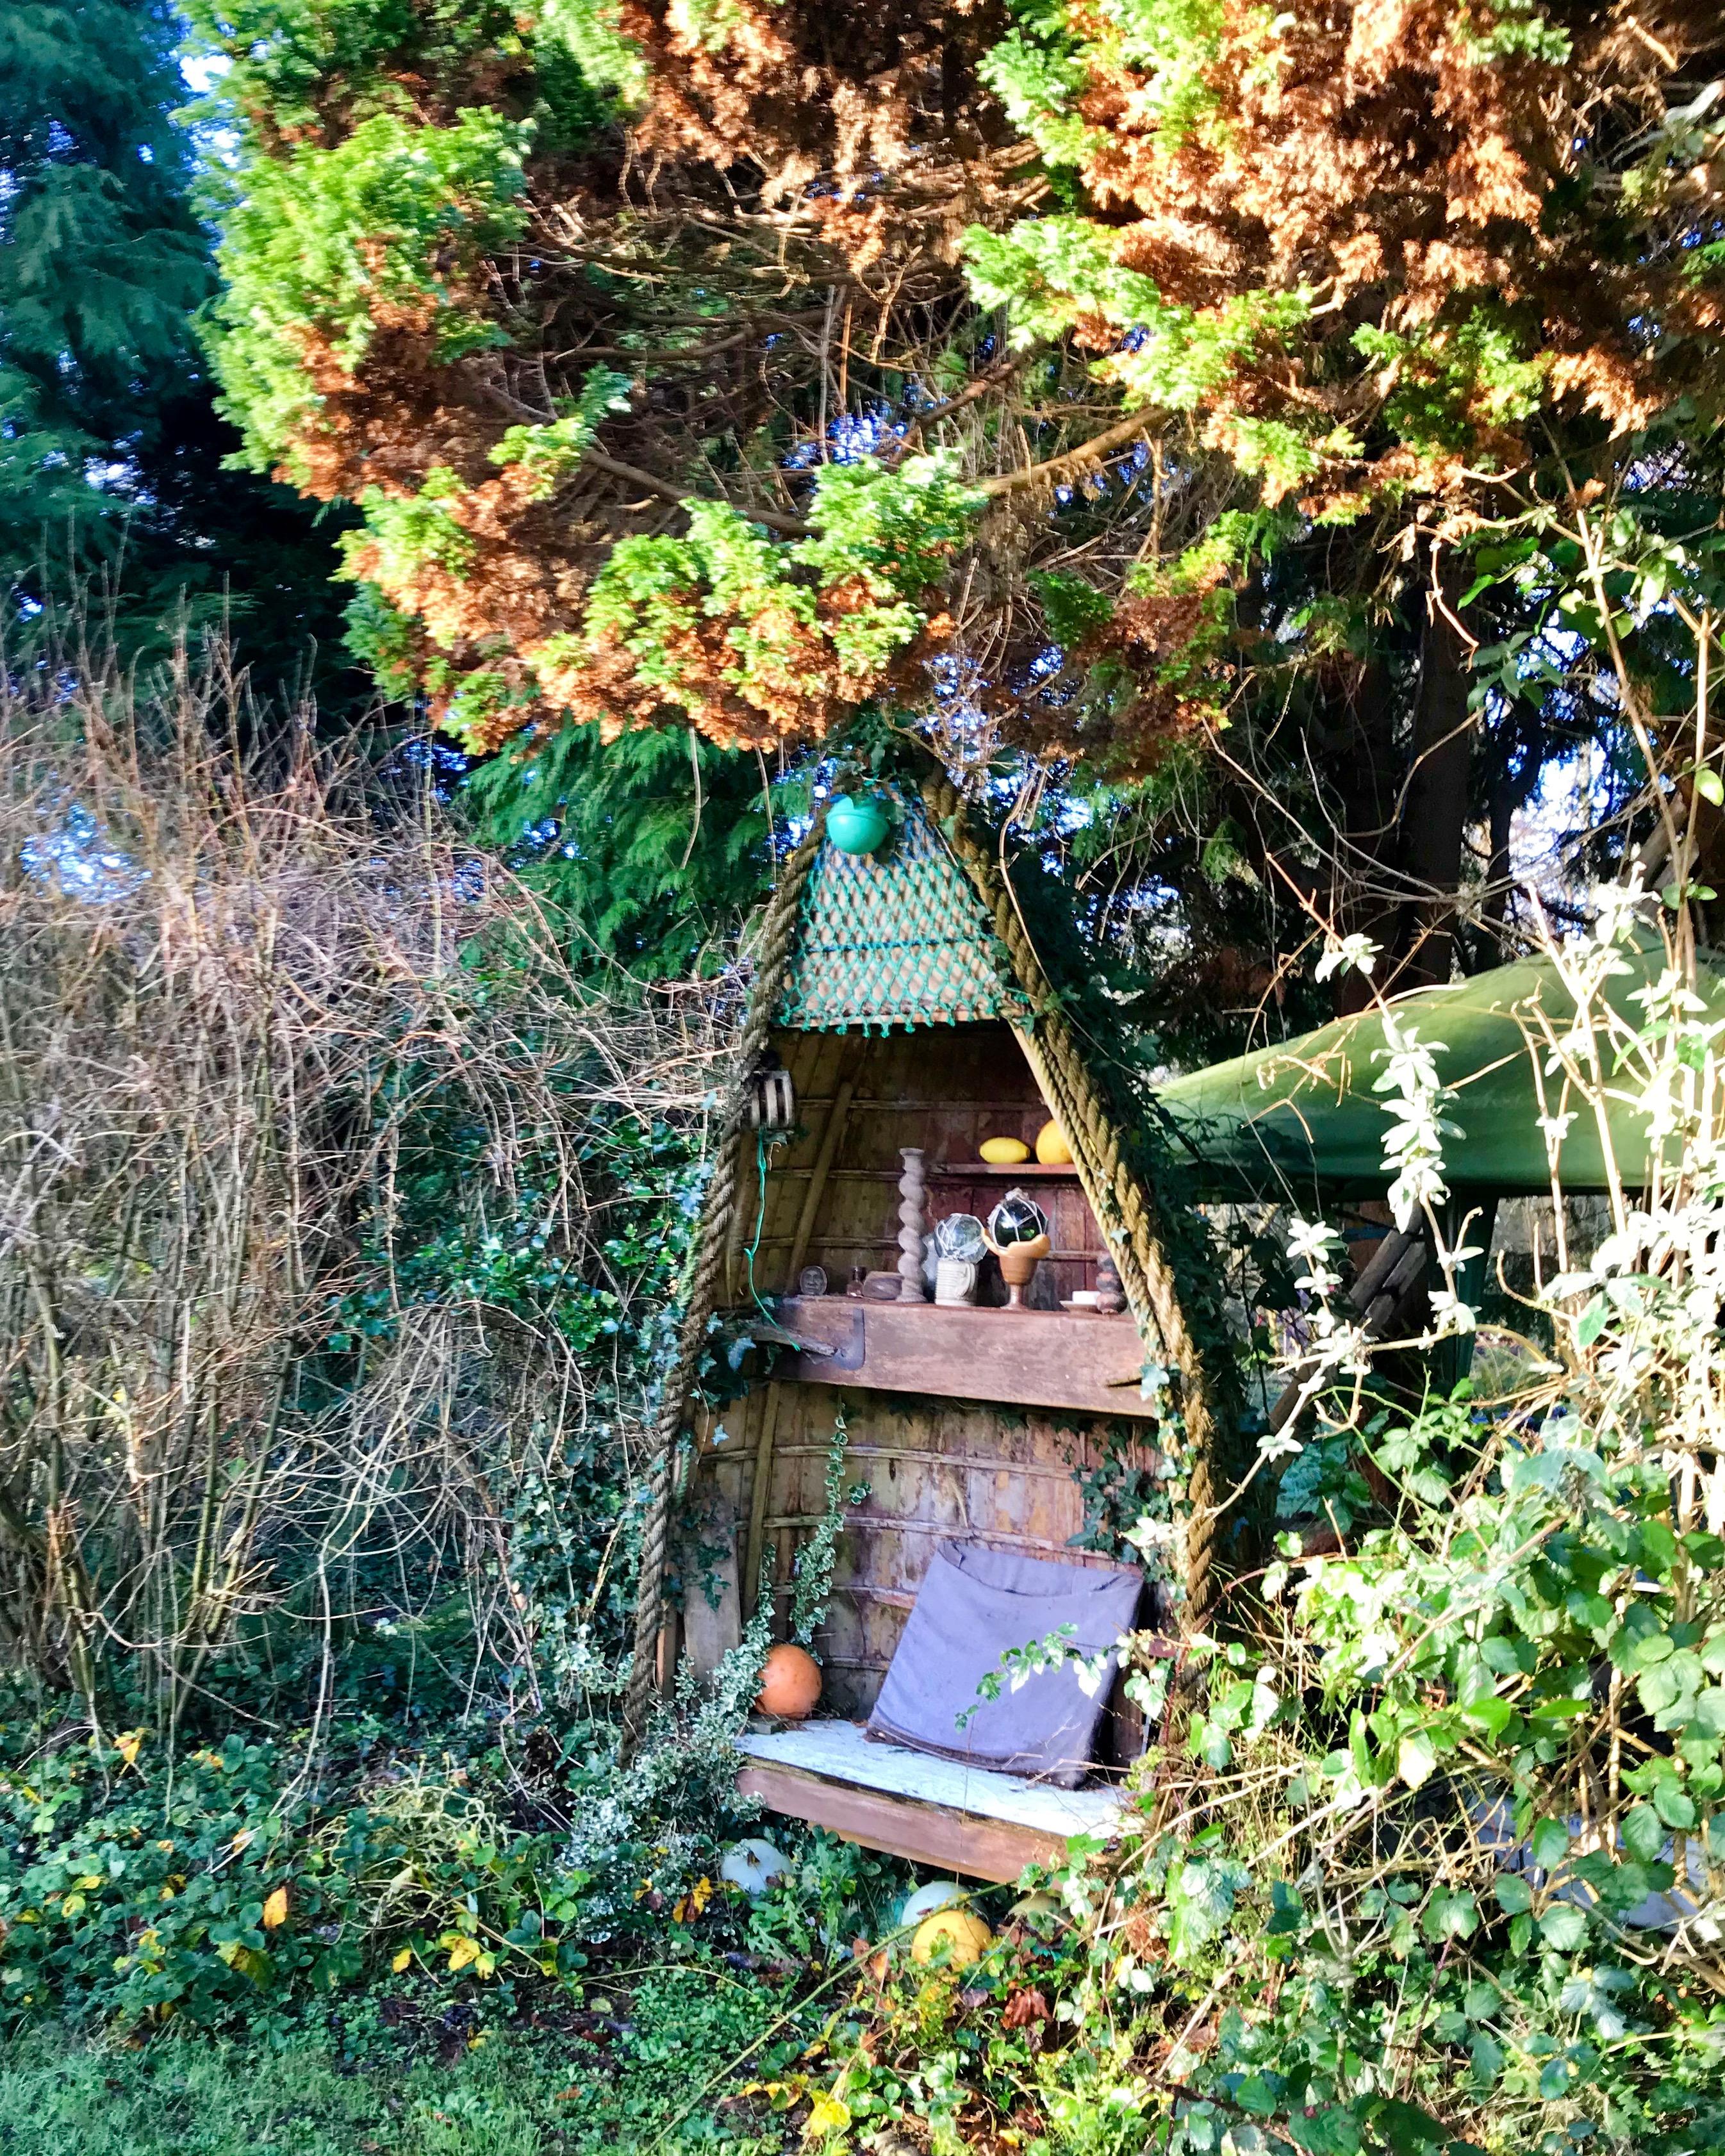 Boat nook in the garden